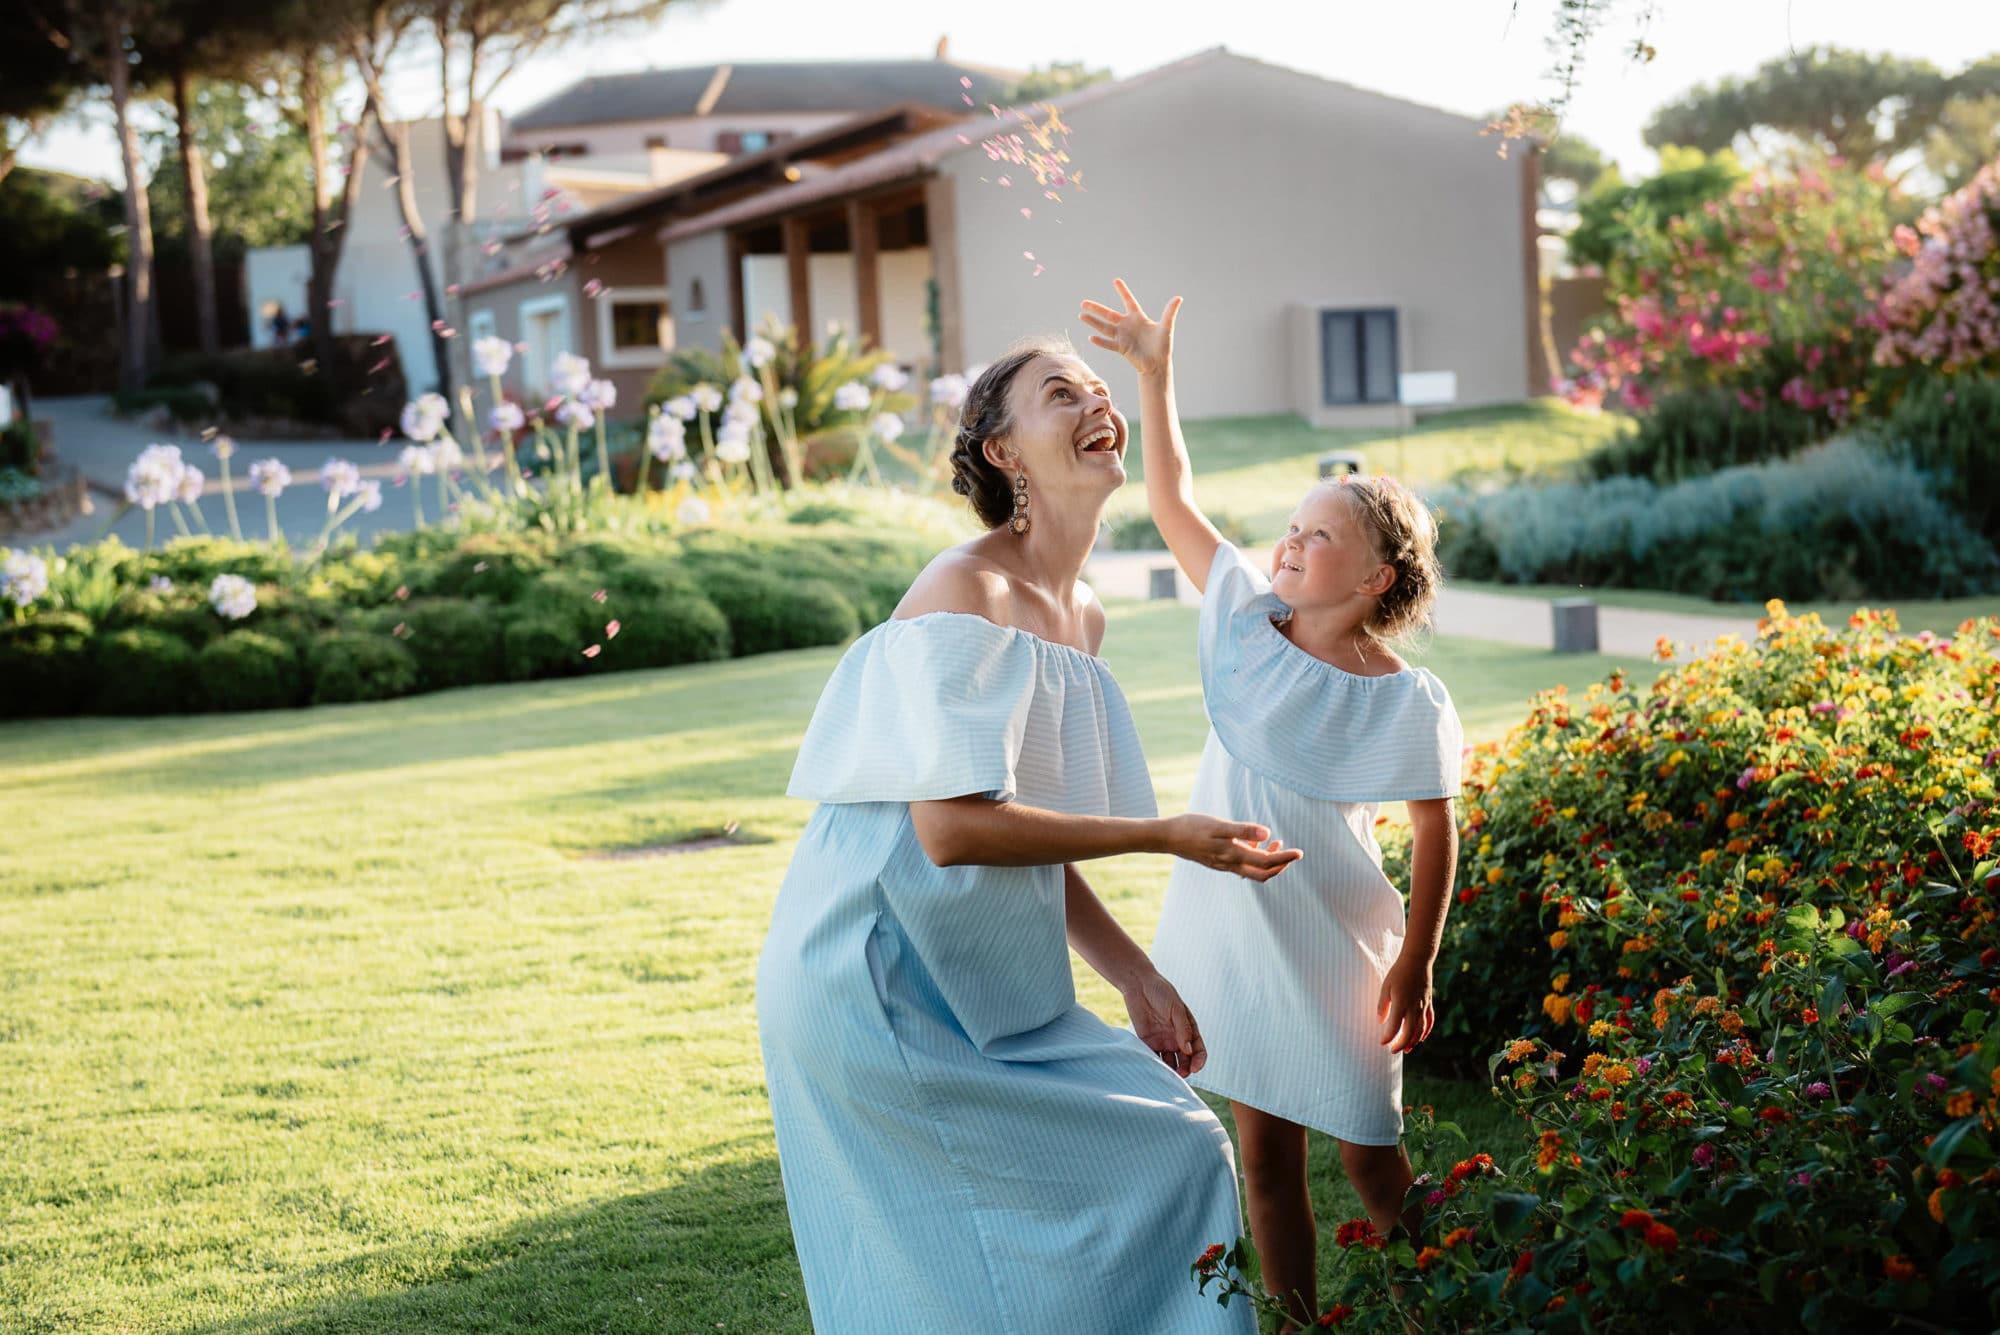 Fotografia lifestyle di famiglia e bambini